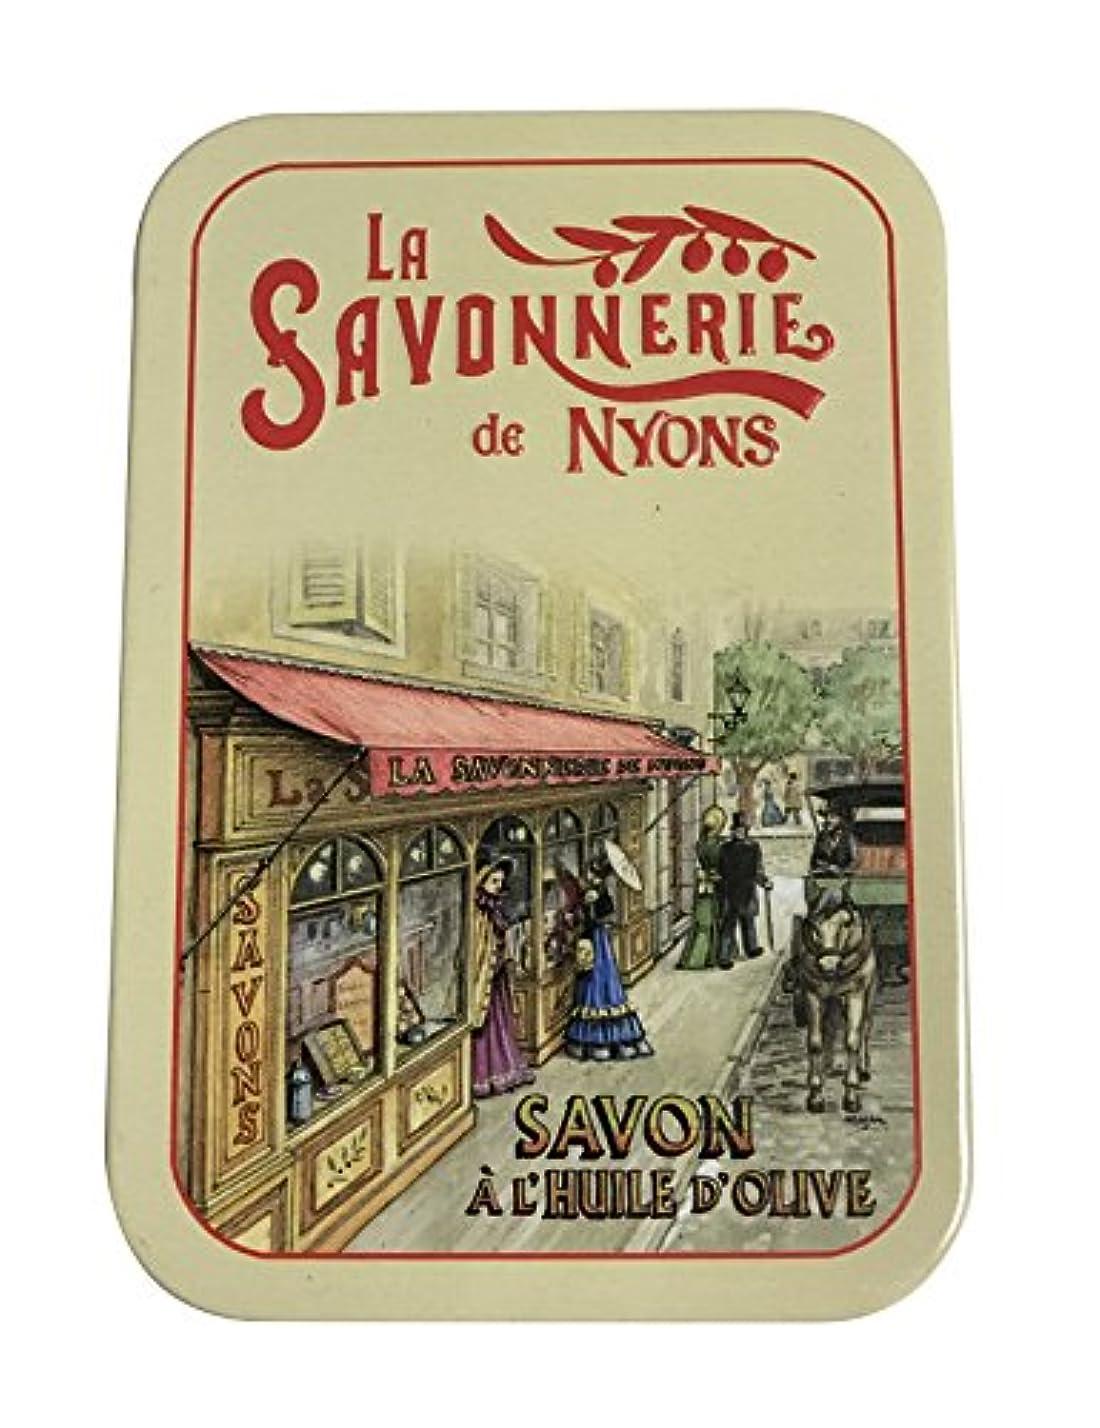 機知に富んだ準備ができてサイドボードラ?サボネリー アンティーク缶入り石鹸 タイプ200 パリの町並み(コットンフラワー)